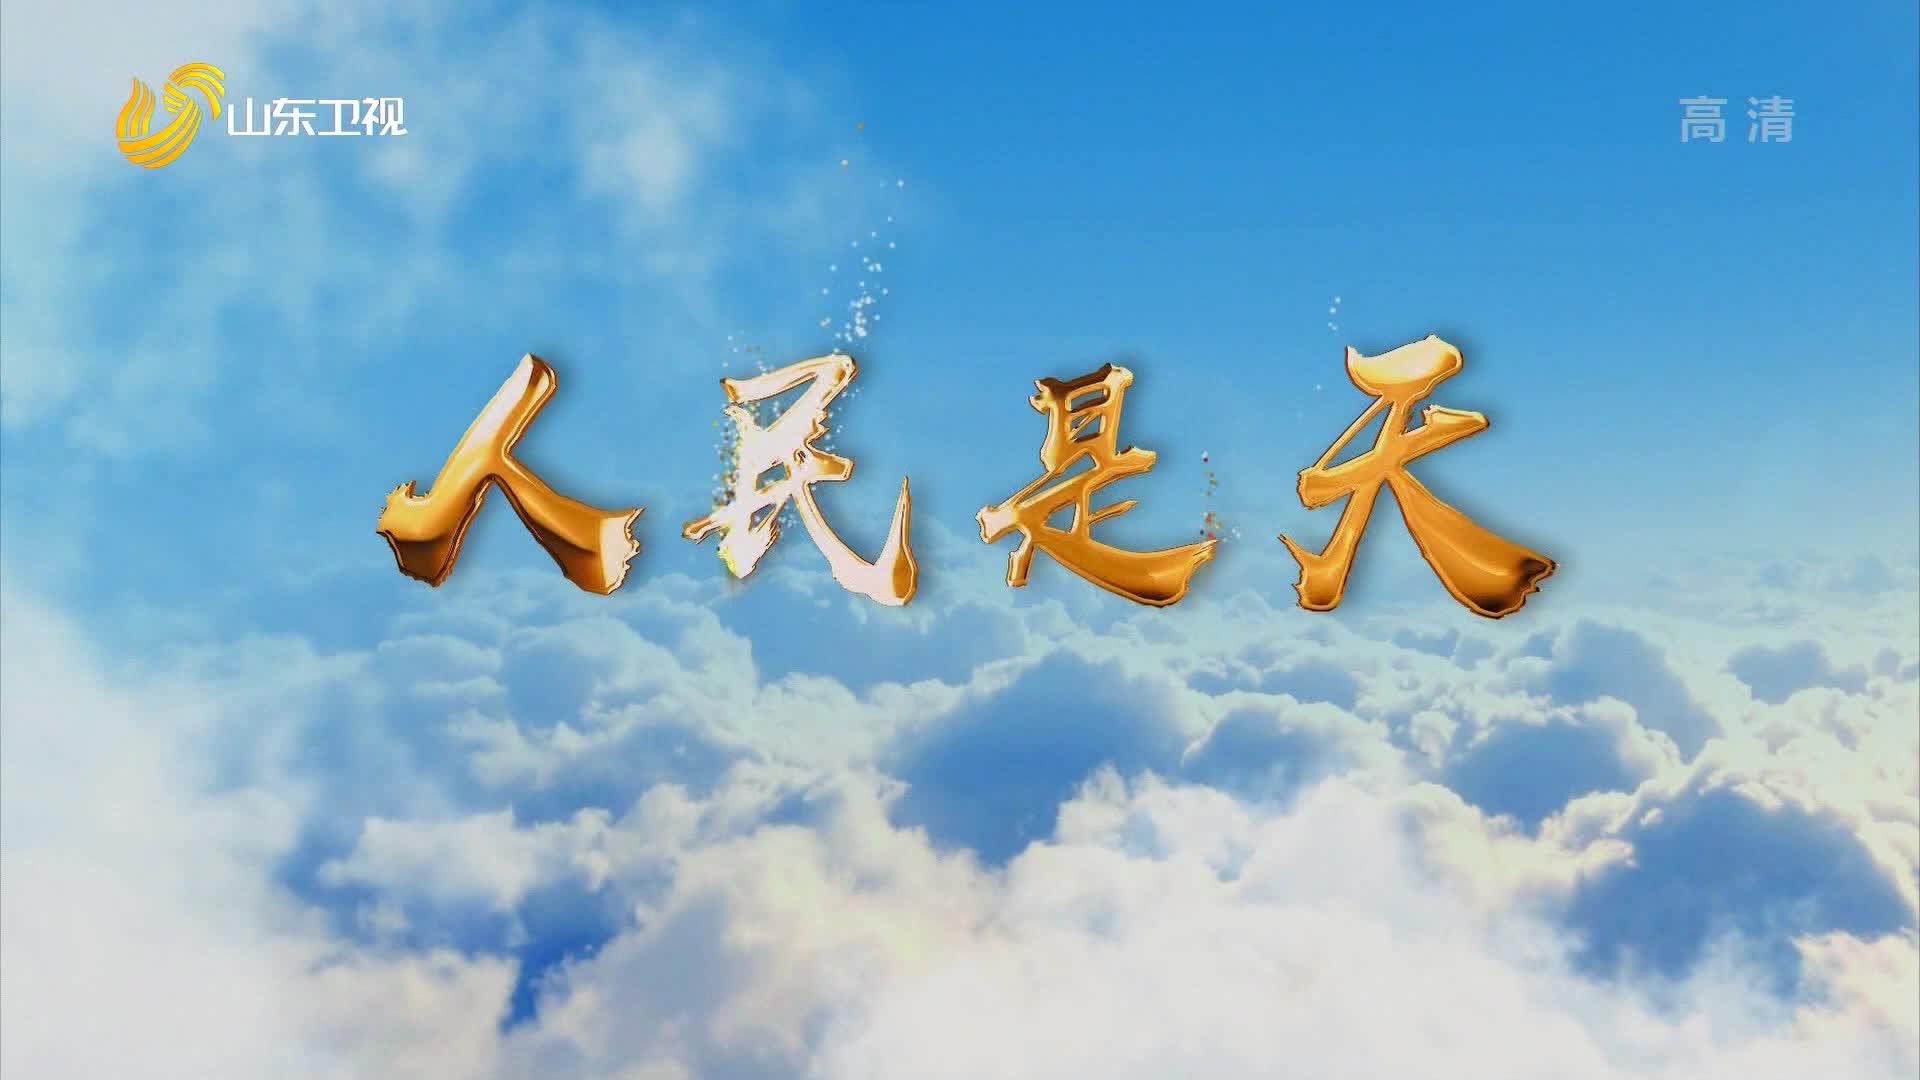 中国梦主题歌曲《人民是天》